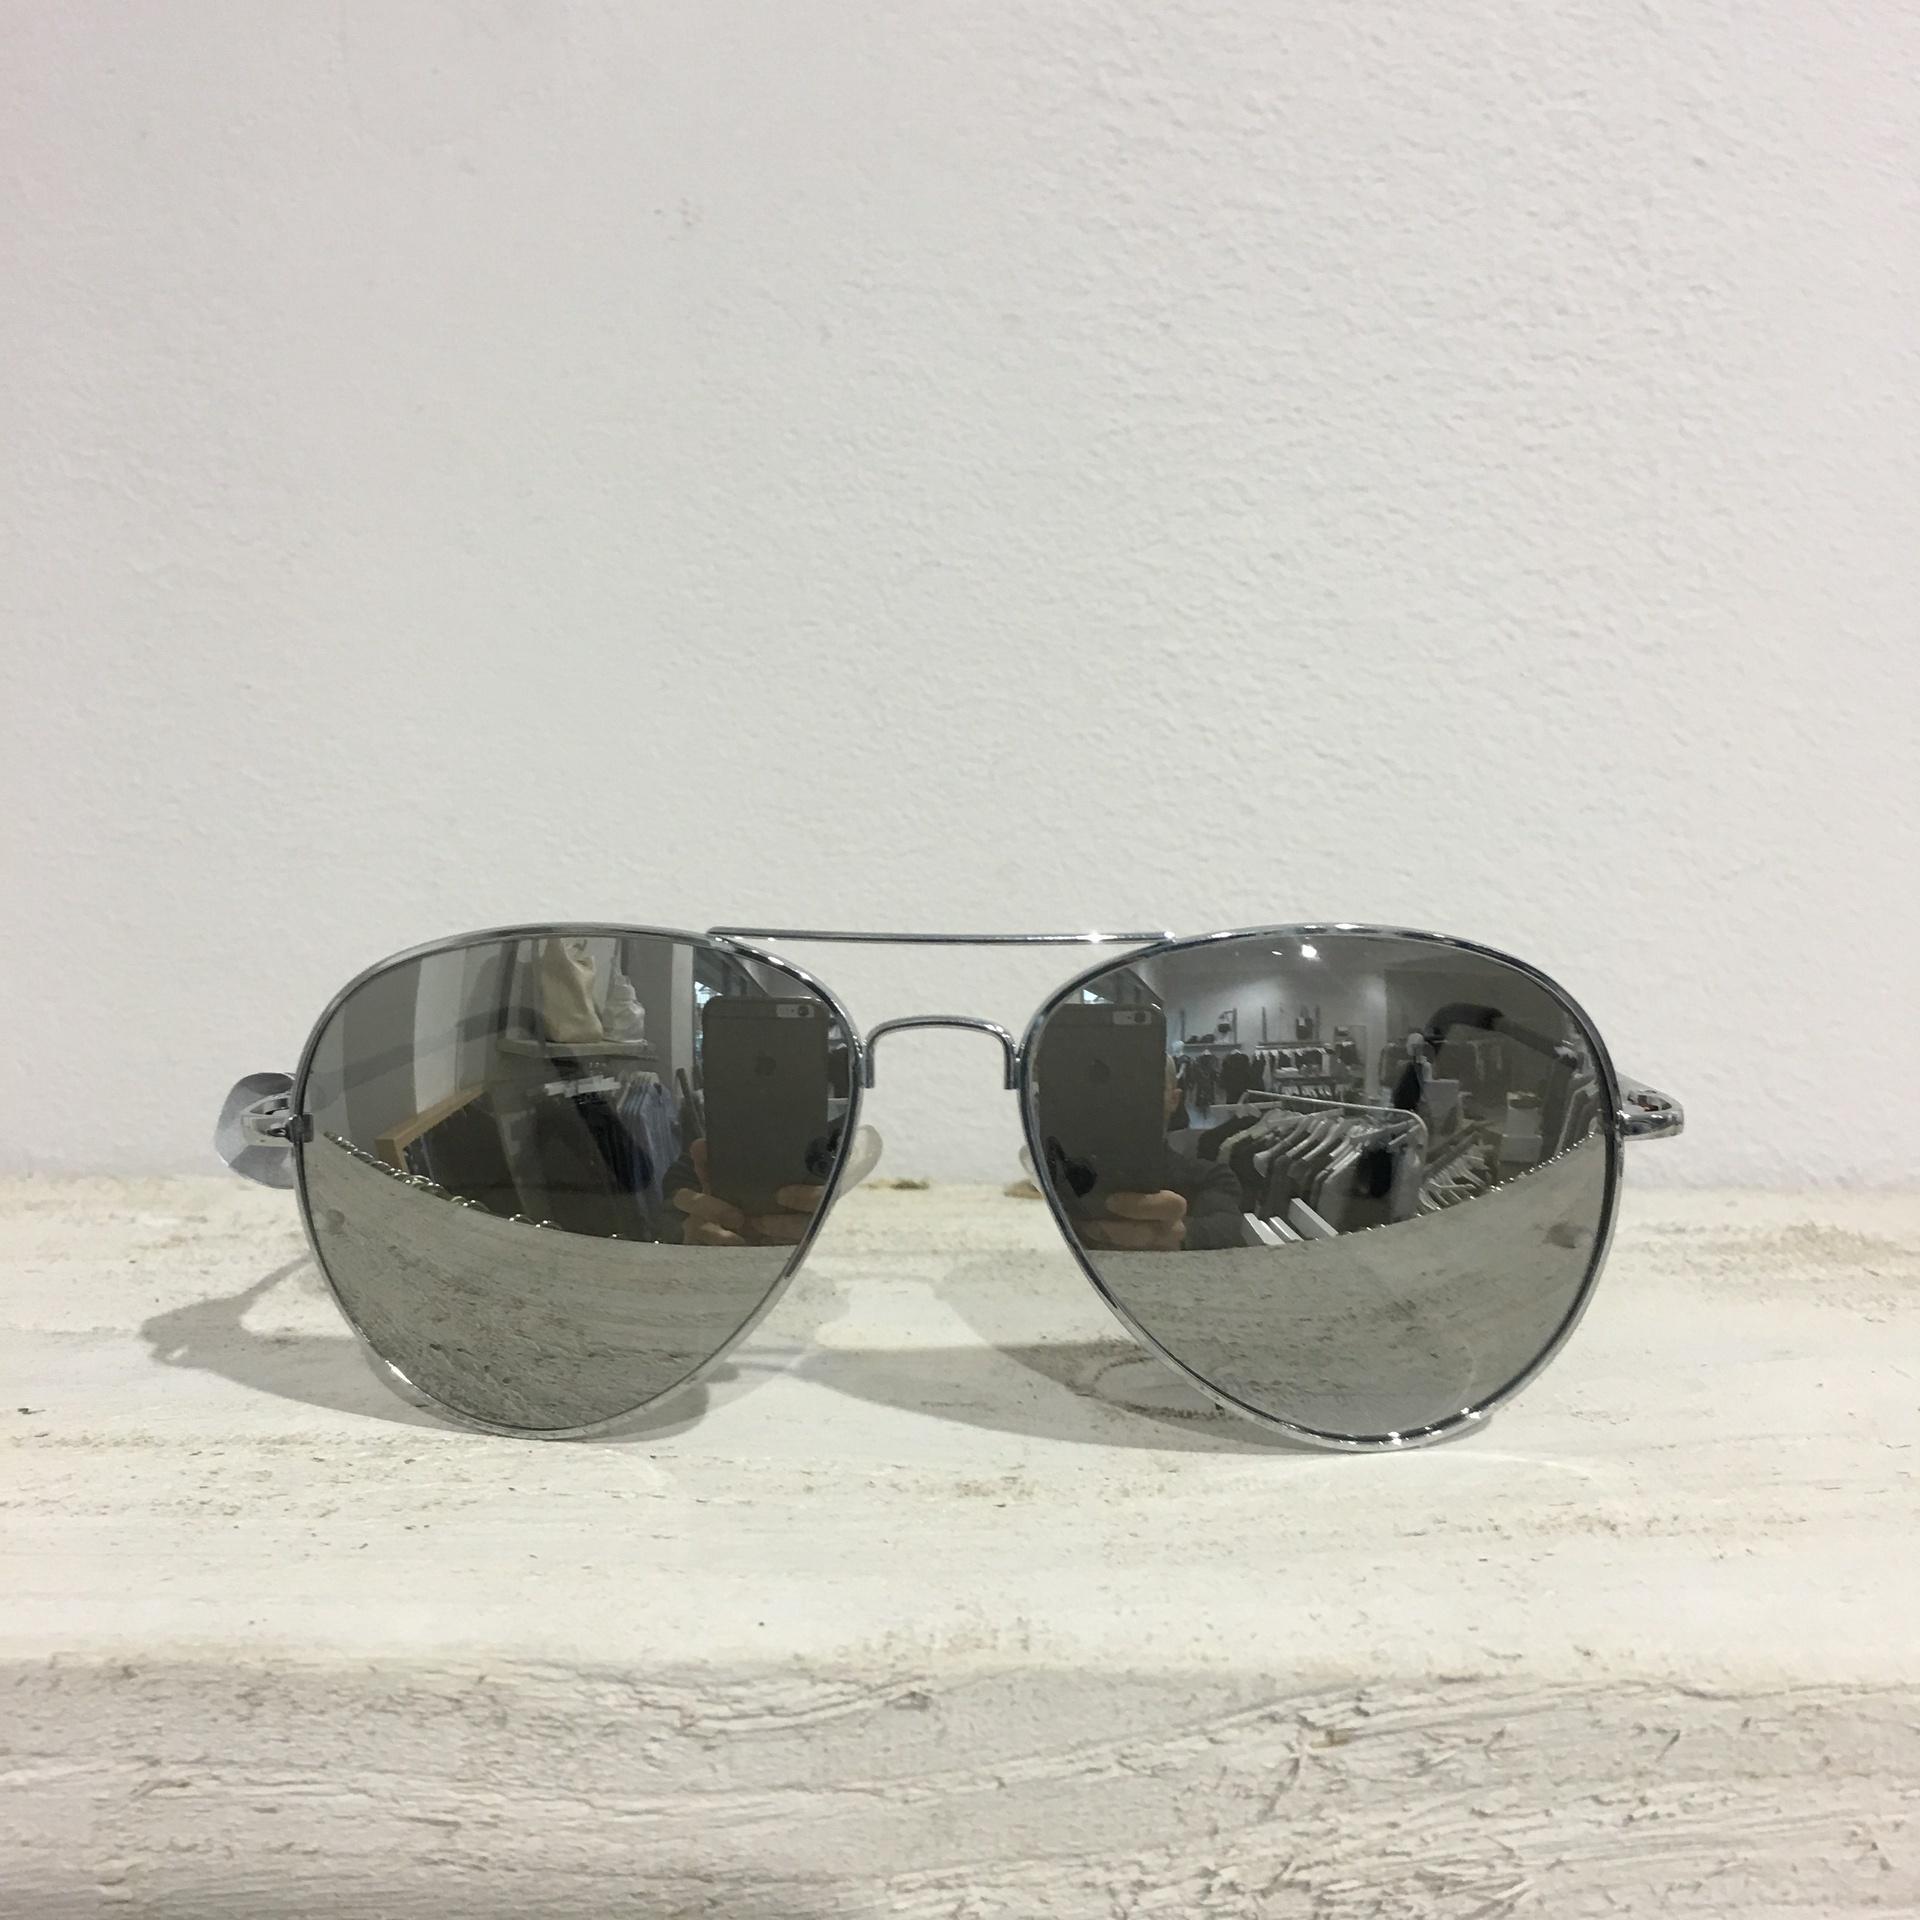 Sunglasses - Chrome Aviators